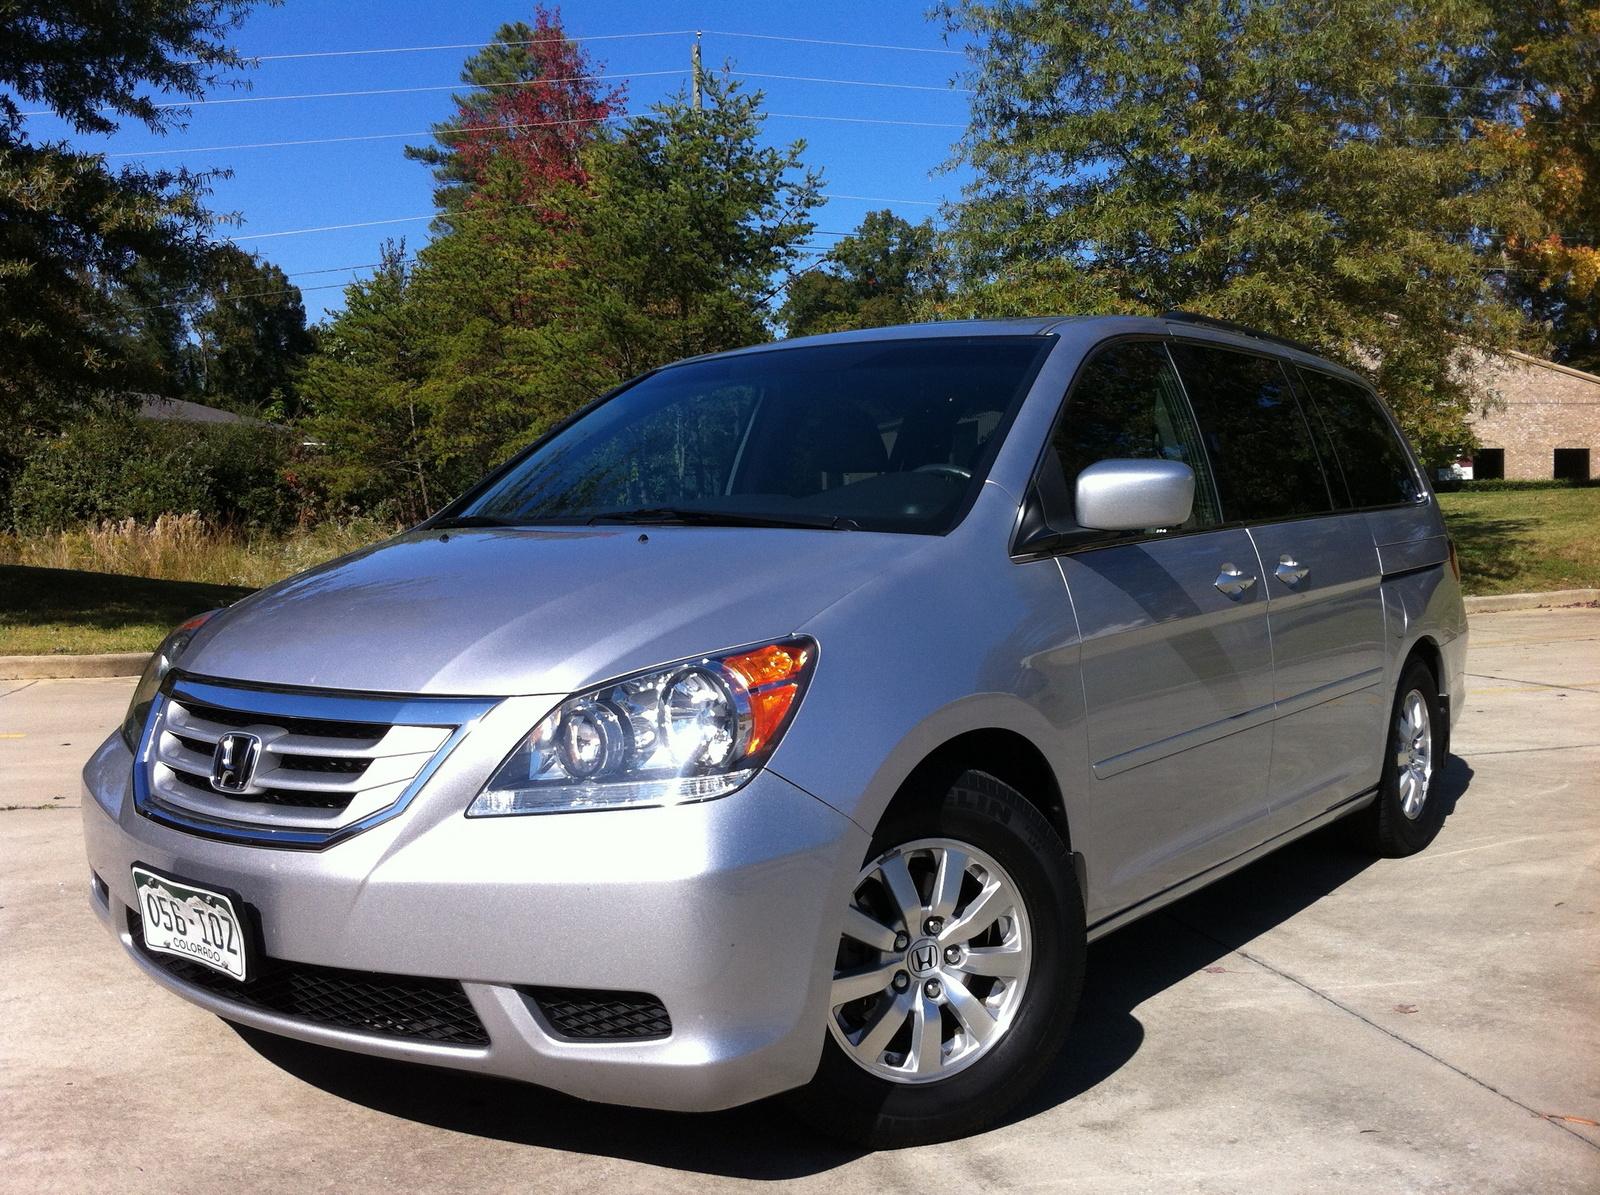 2010 Honda Odyssey - Exterior Pictures - CarGurus